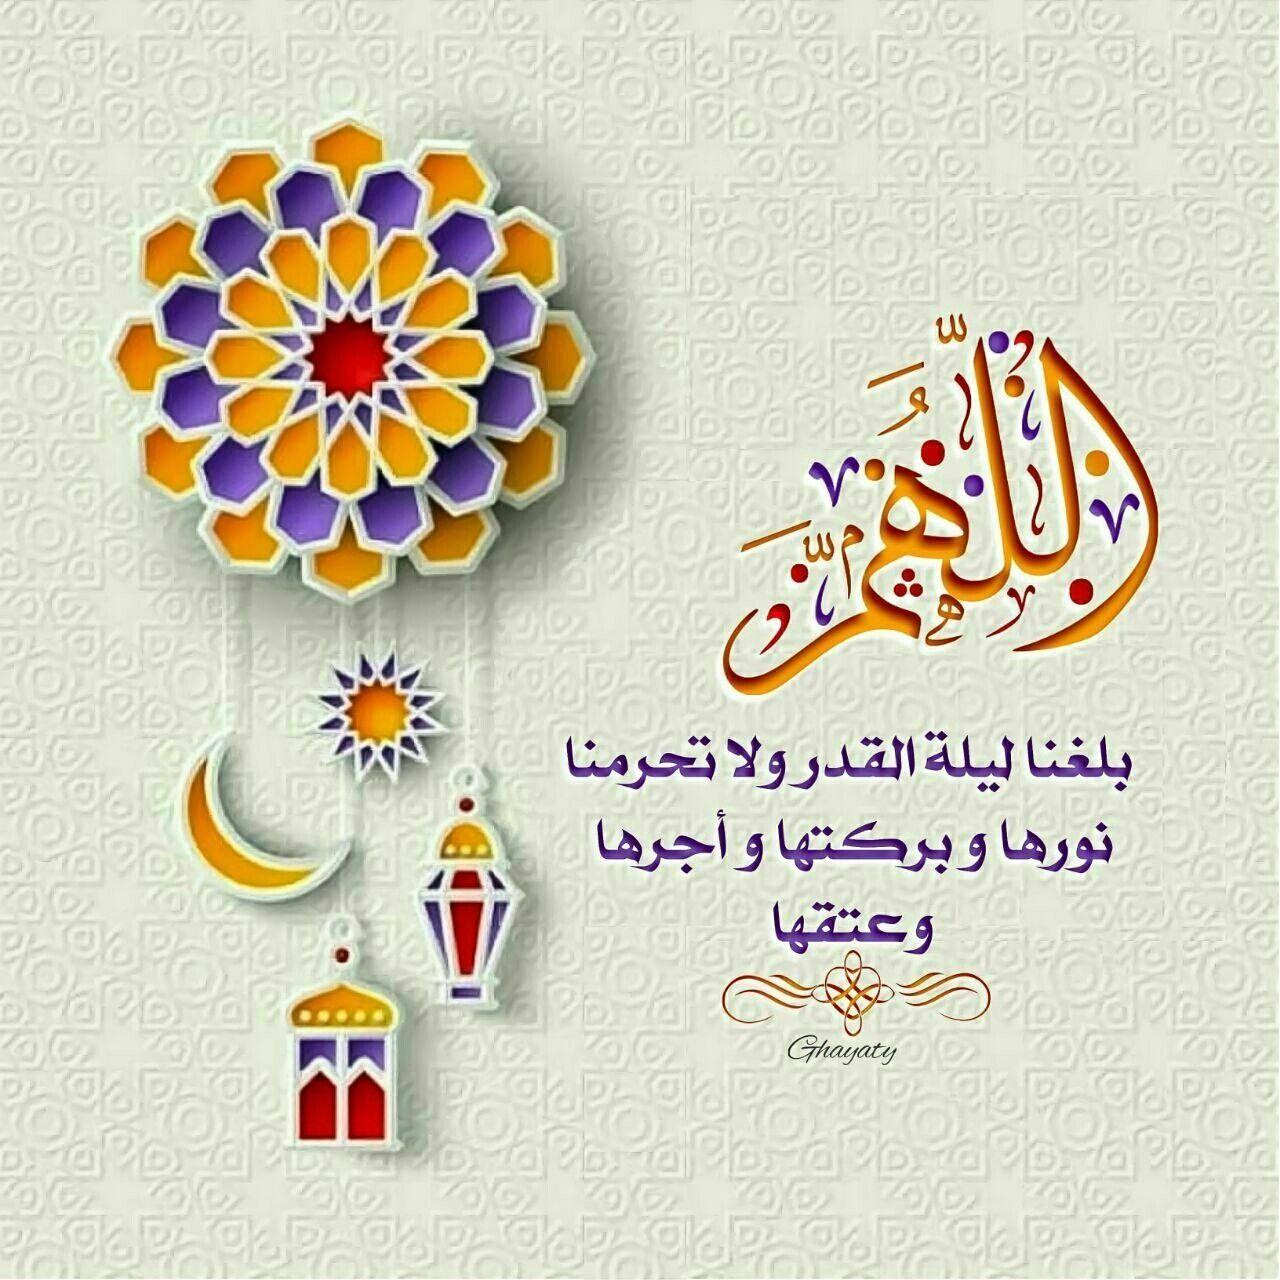 صور دعاء يوم الجمعة Ramadan Day Laylat Al Qadr Ramadan Kareem